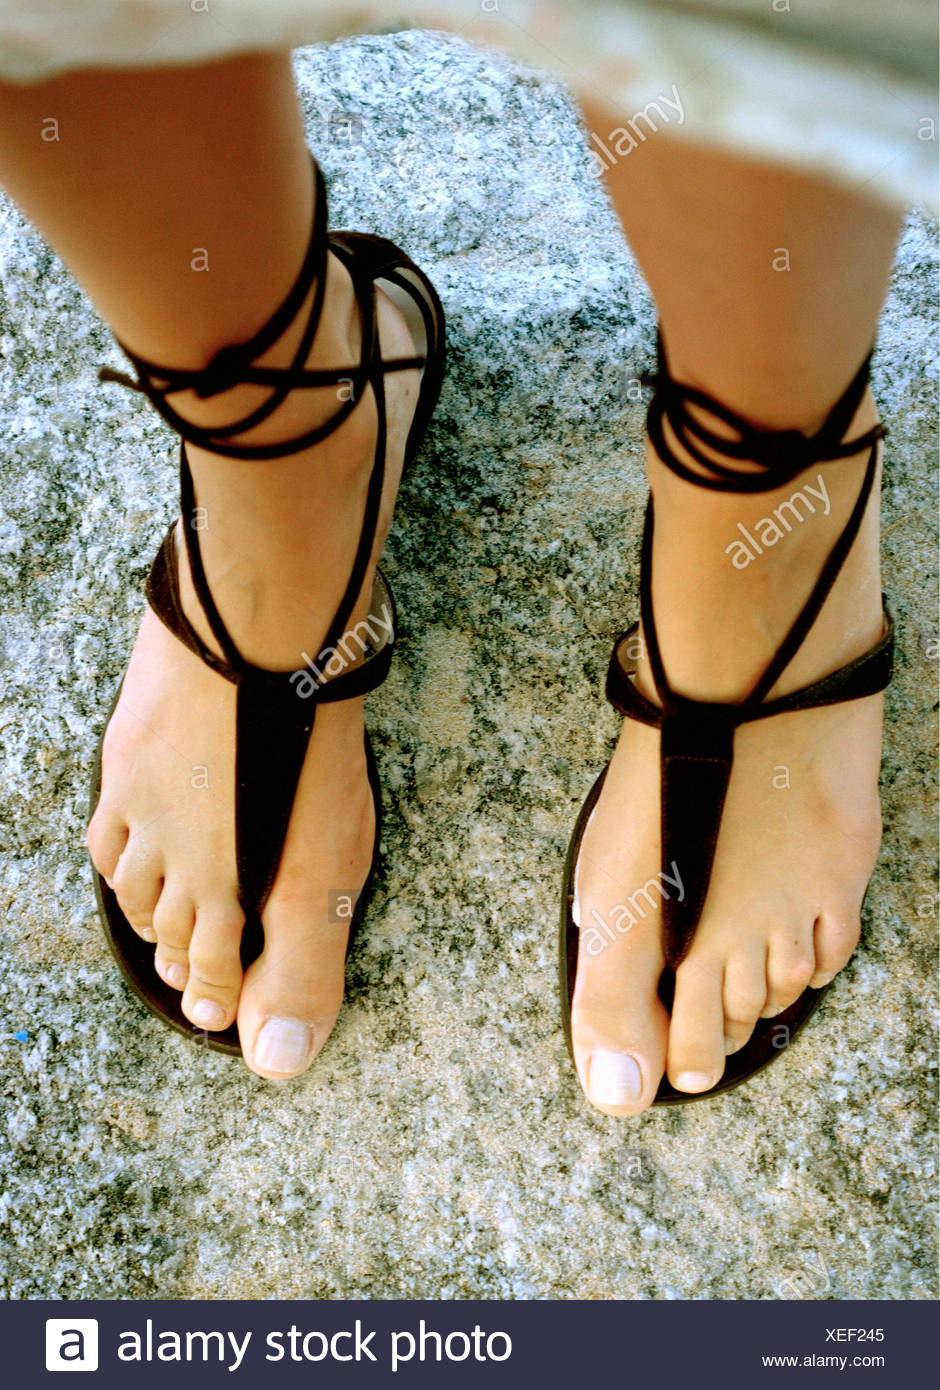 Women toenails flops feet in Black flip